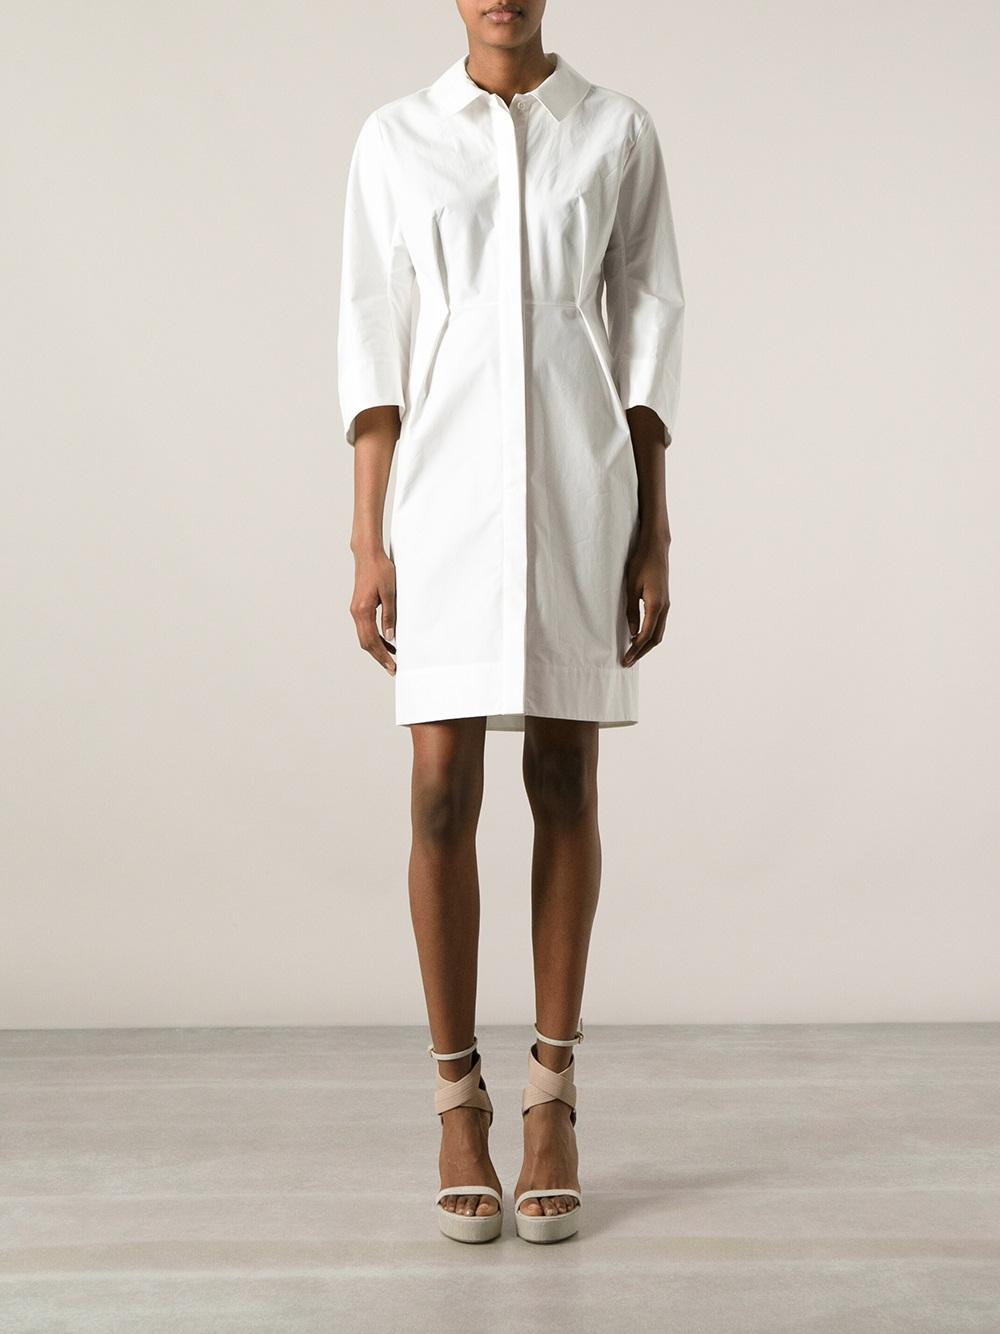 Lyst Jil Sander Shirt Dress In White